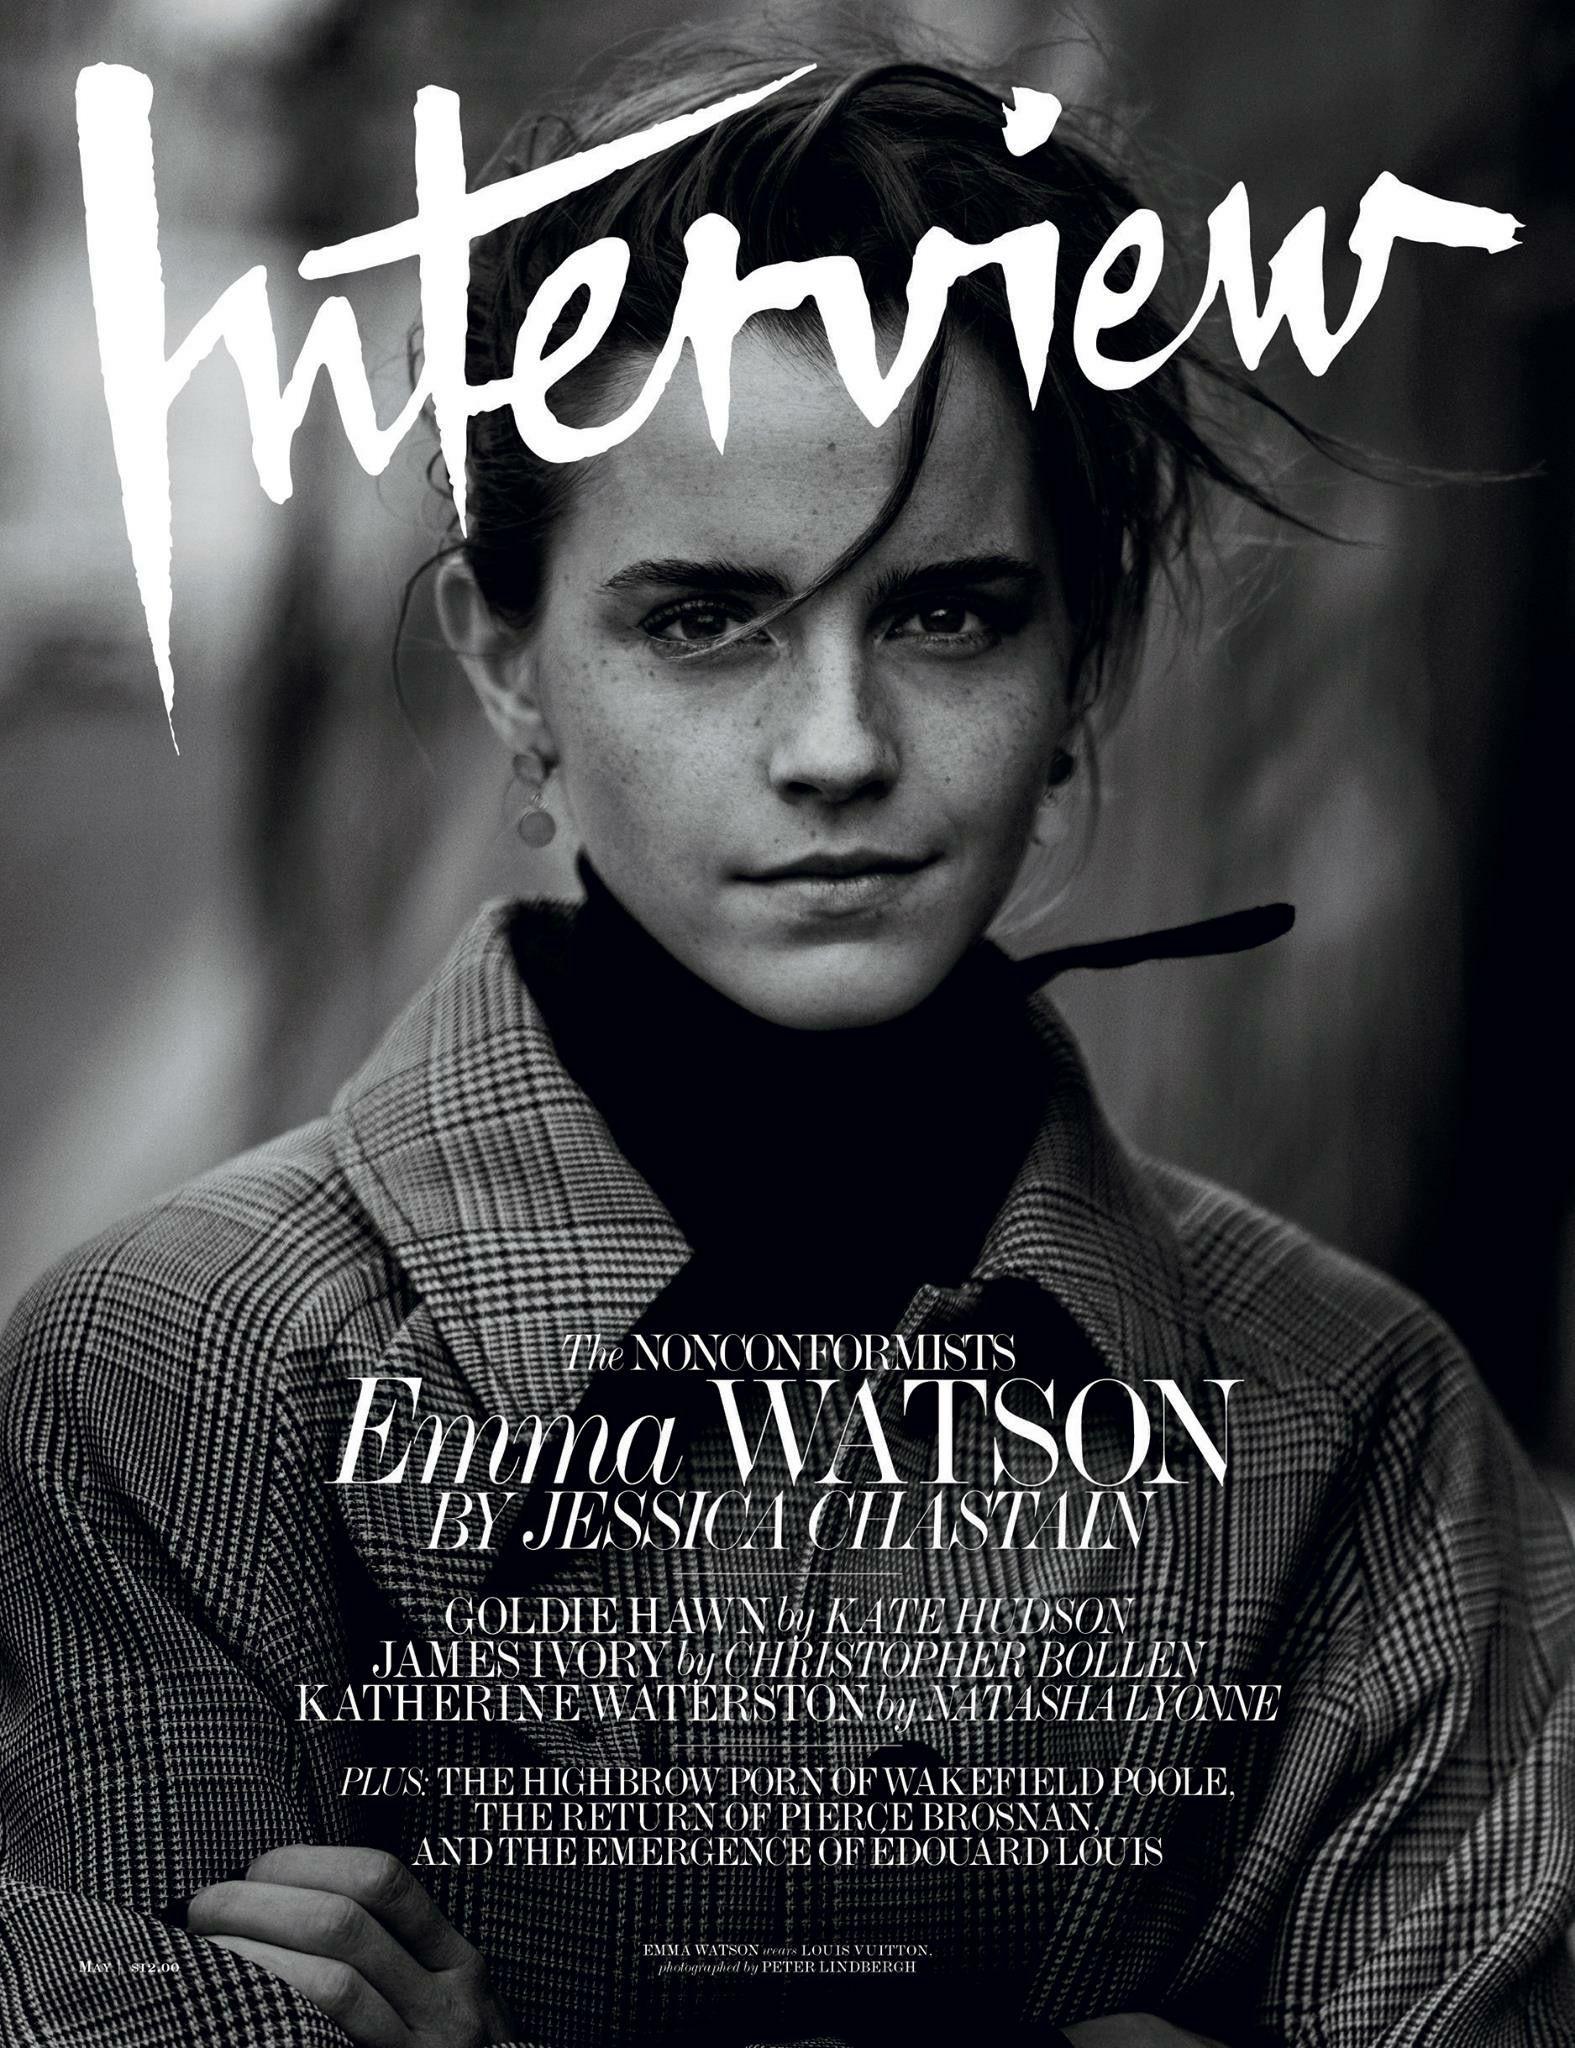 Peter lindbergh image by Taika on Emma Watson Emma